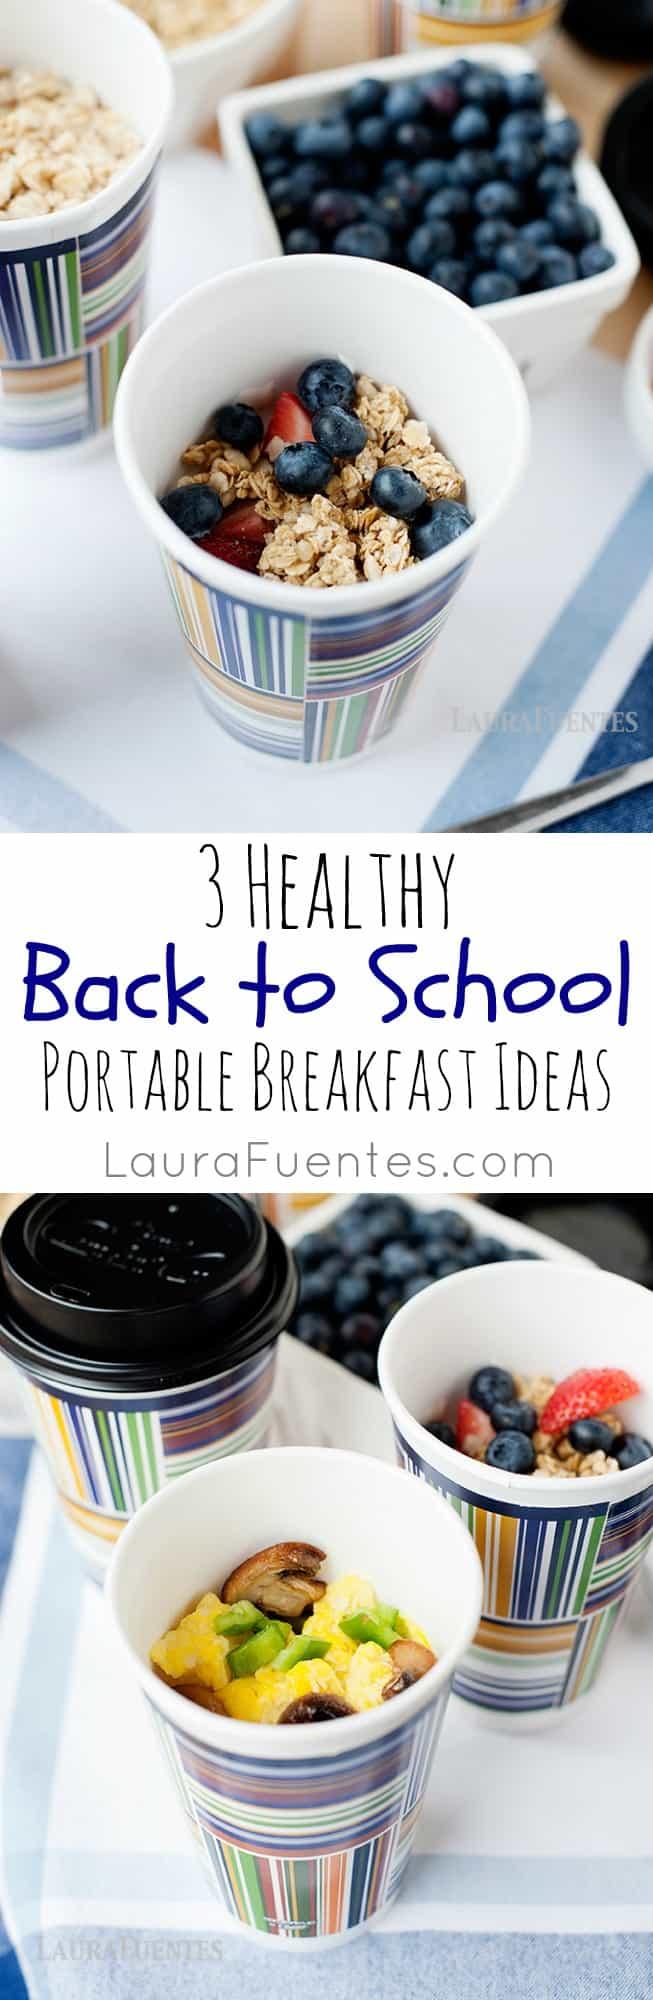 3 Healthy Back to School Portable Breakfast Ideas - Laura Fuentes